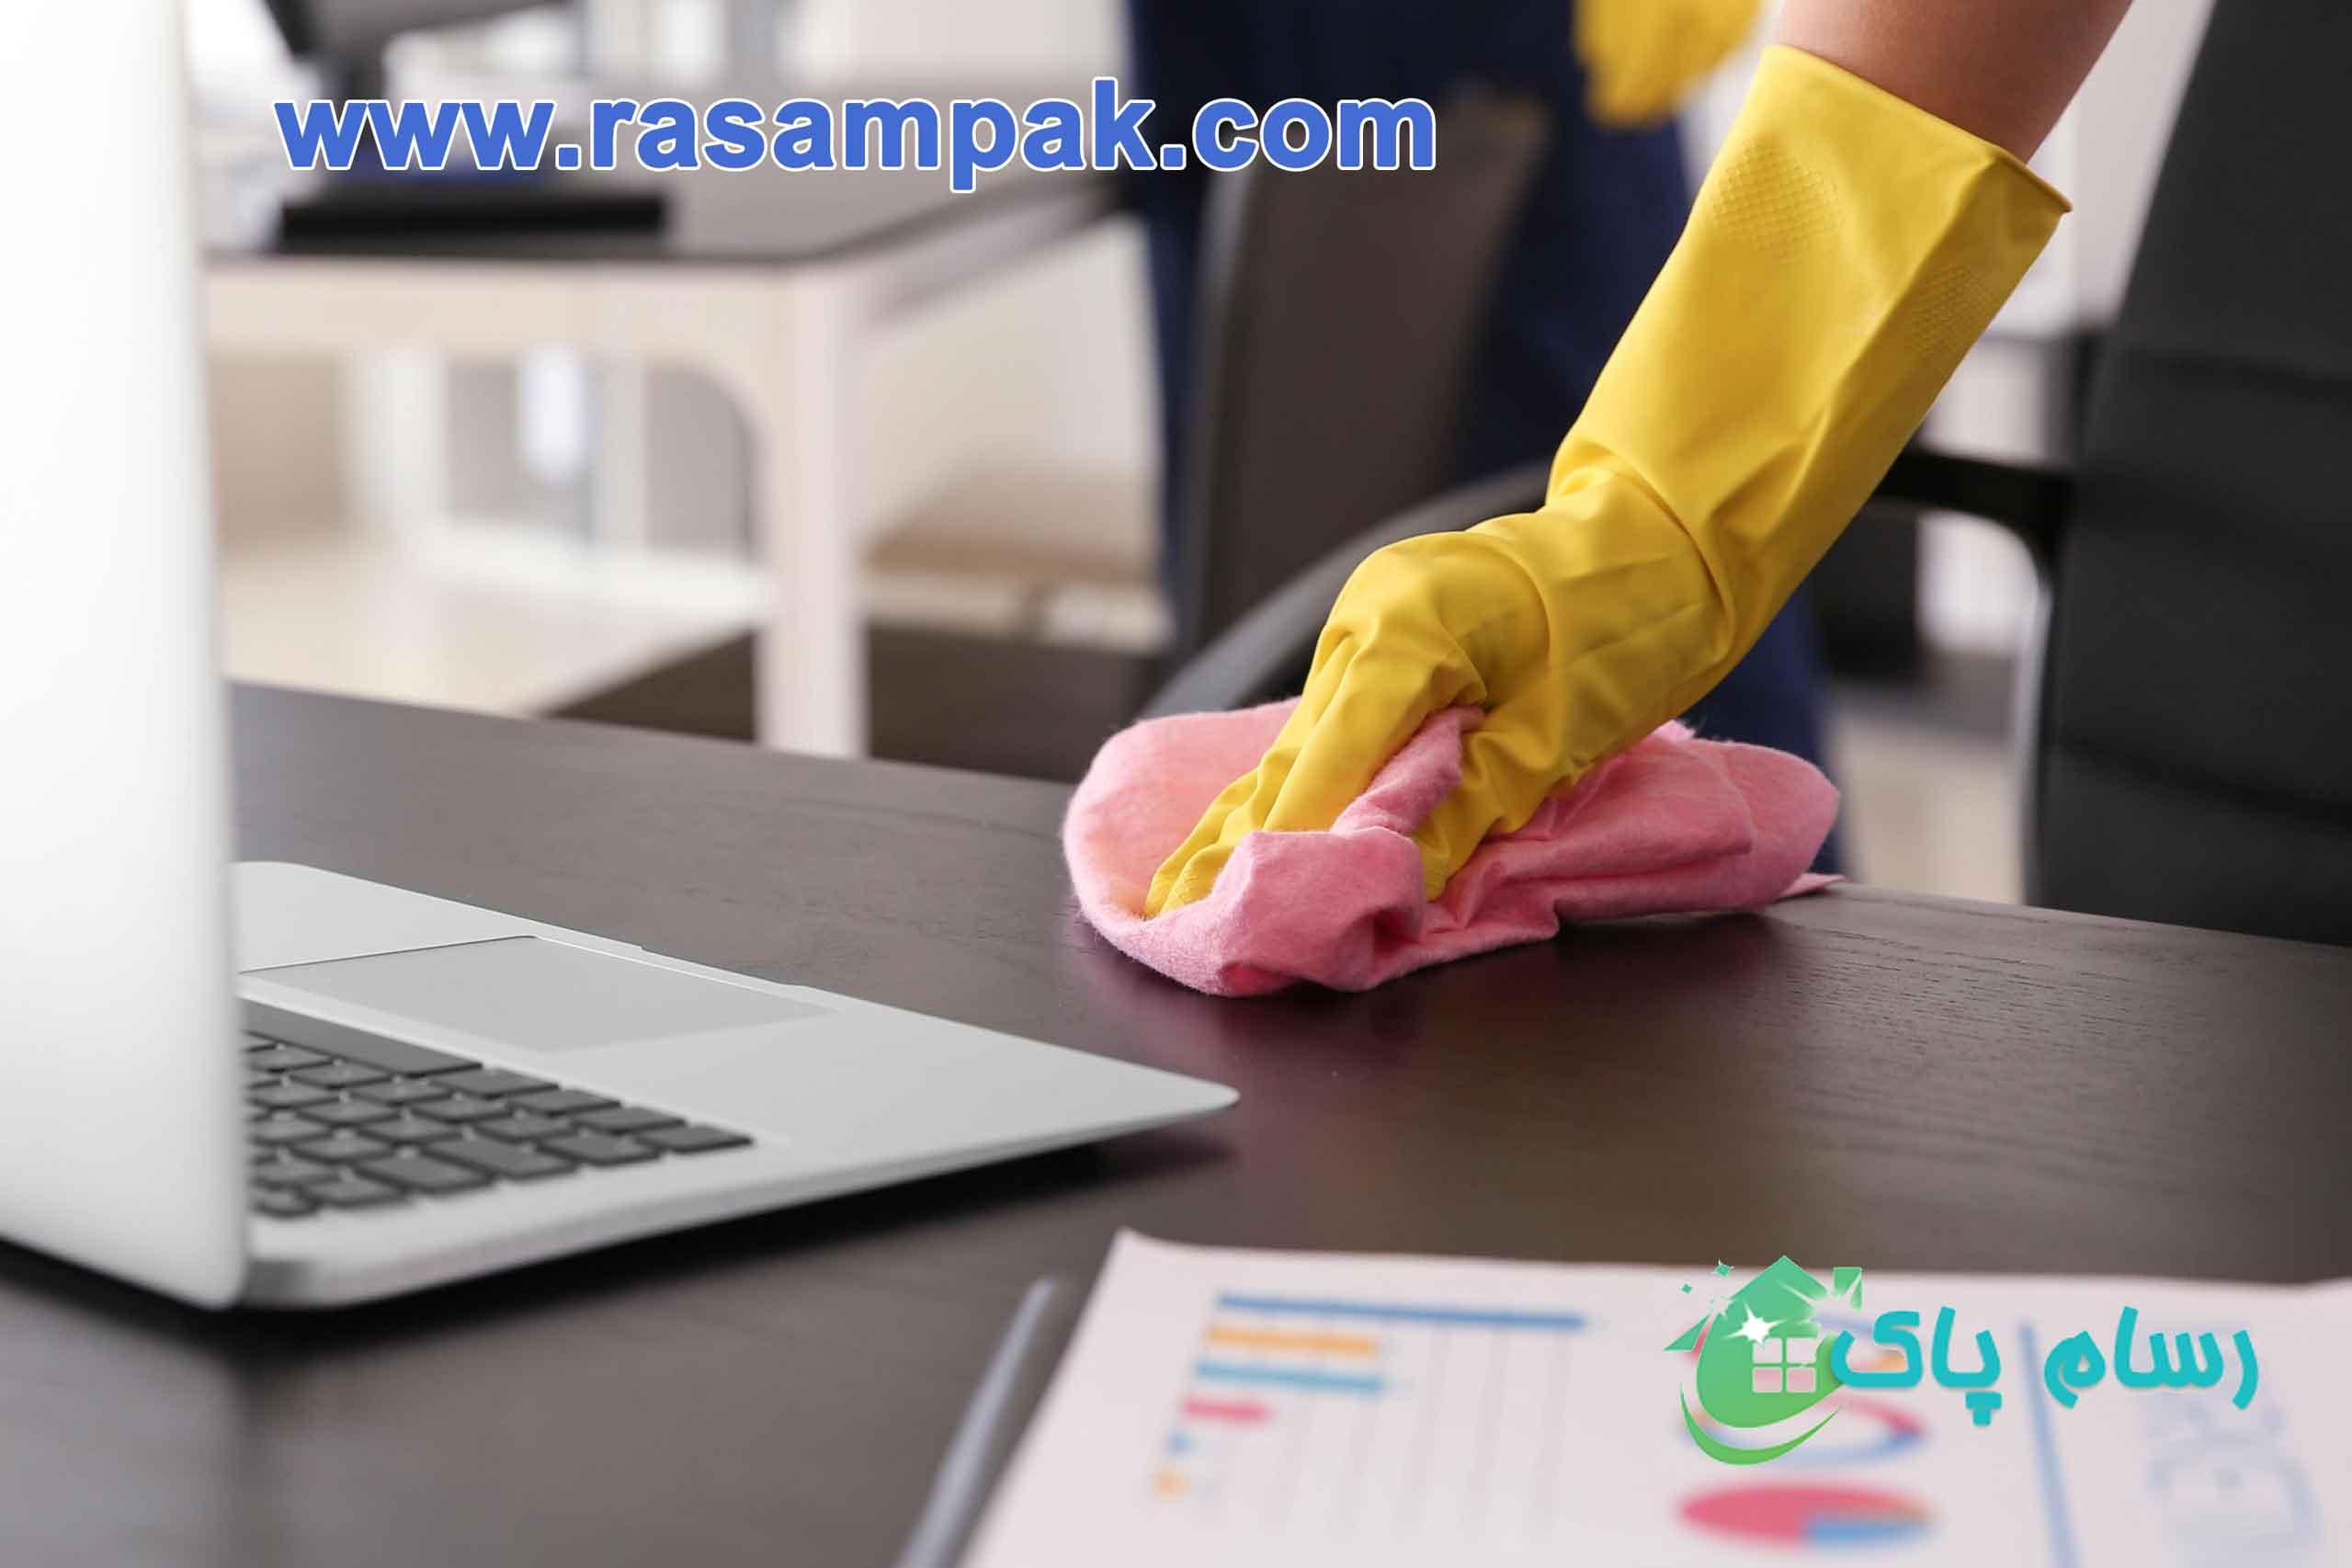 نظافت حرفه ای ادارات شرکت نظافتی در الهیه